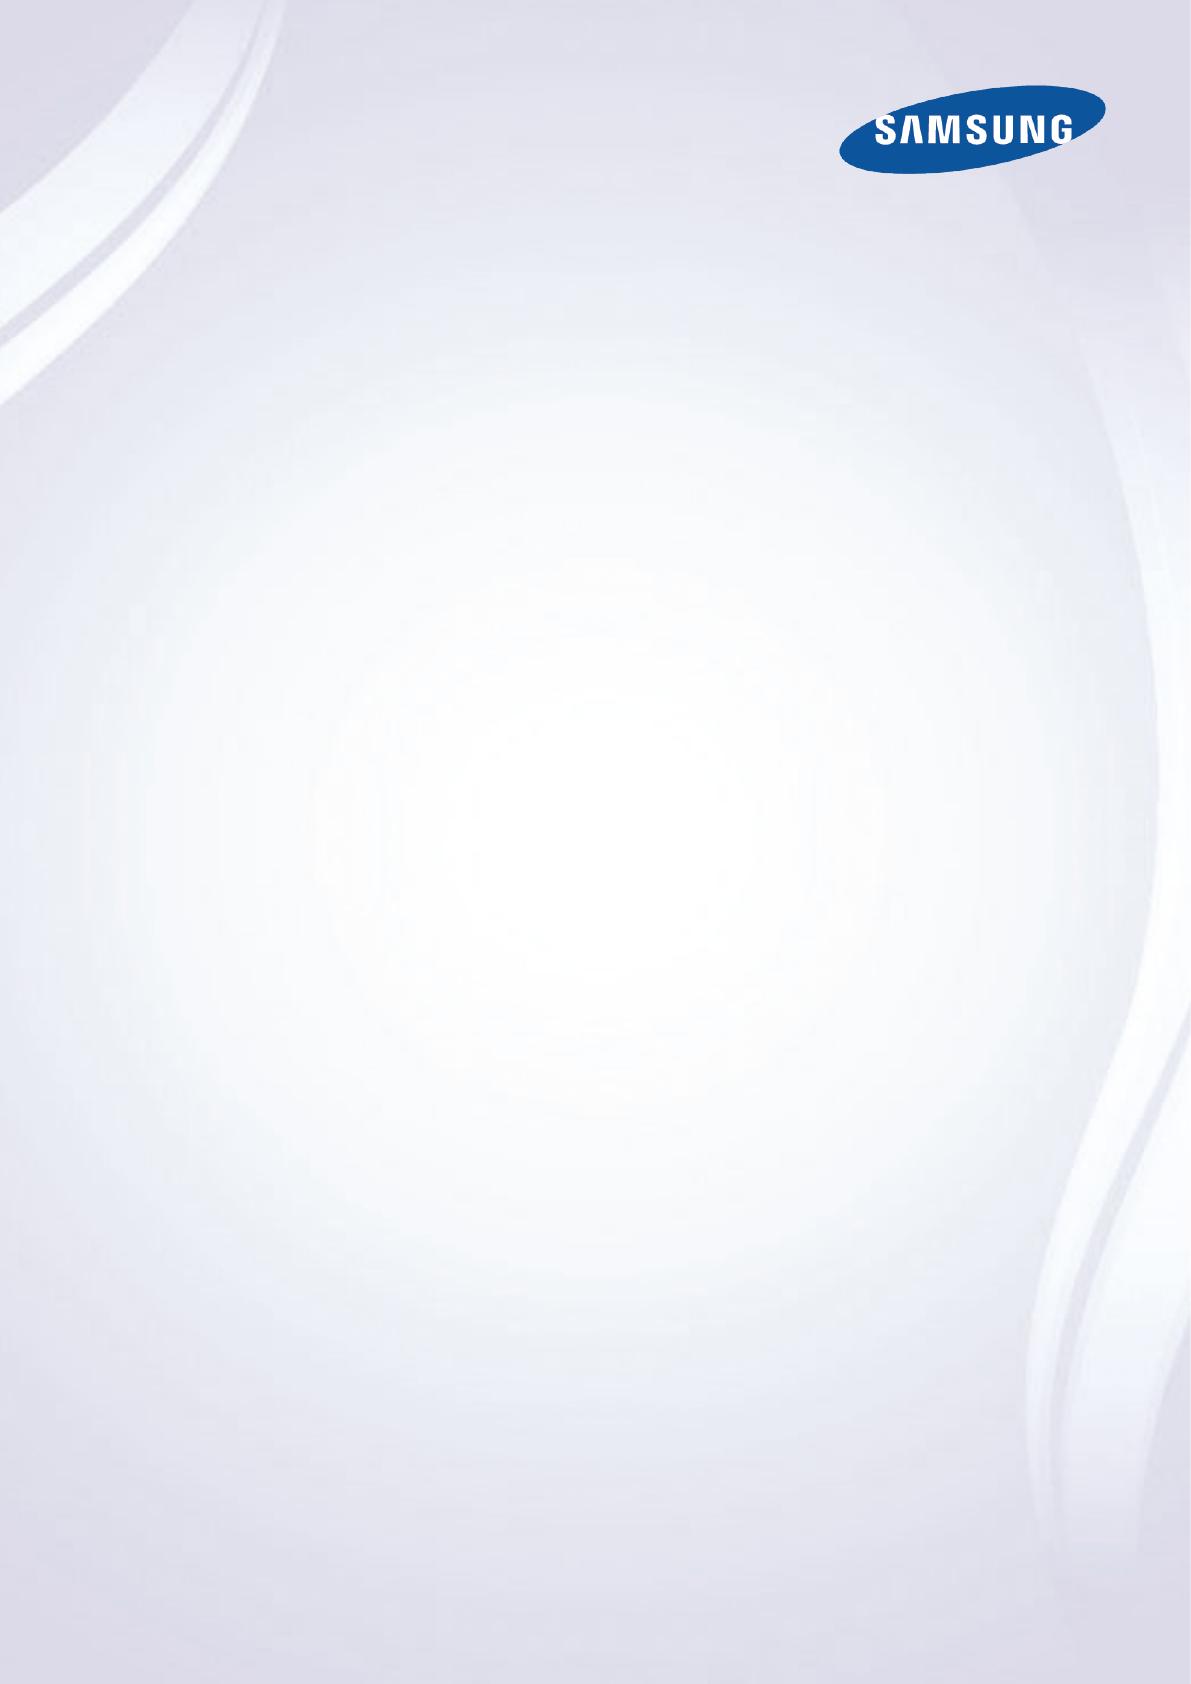 Bedienungsanleitung Samsung Ue60j6289 Seite 1 Von 176 Deutsch